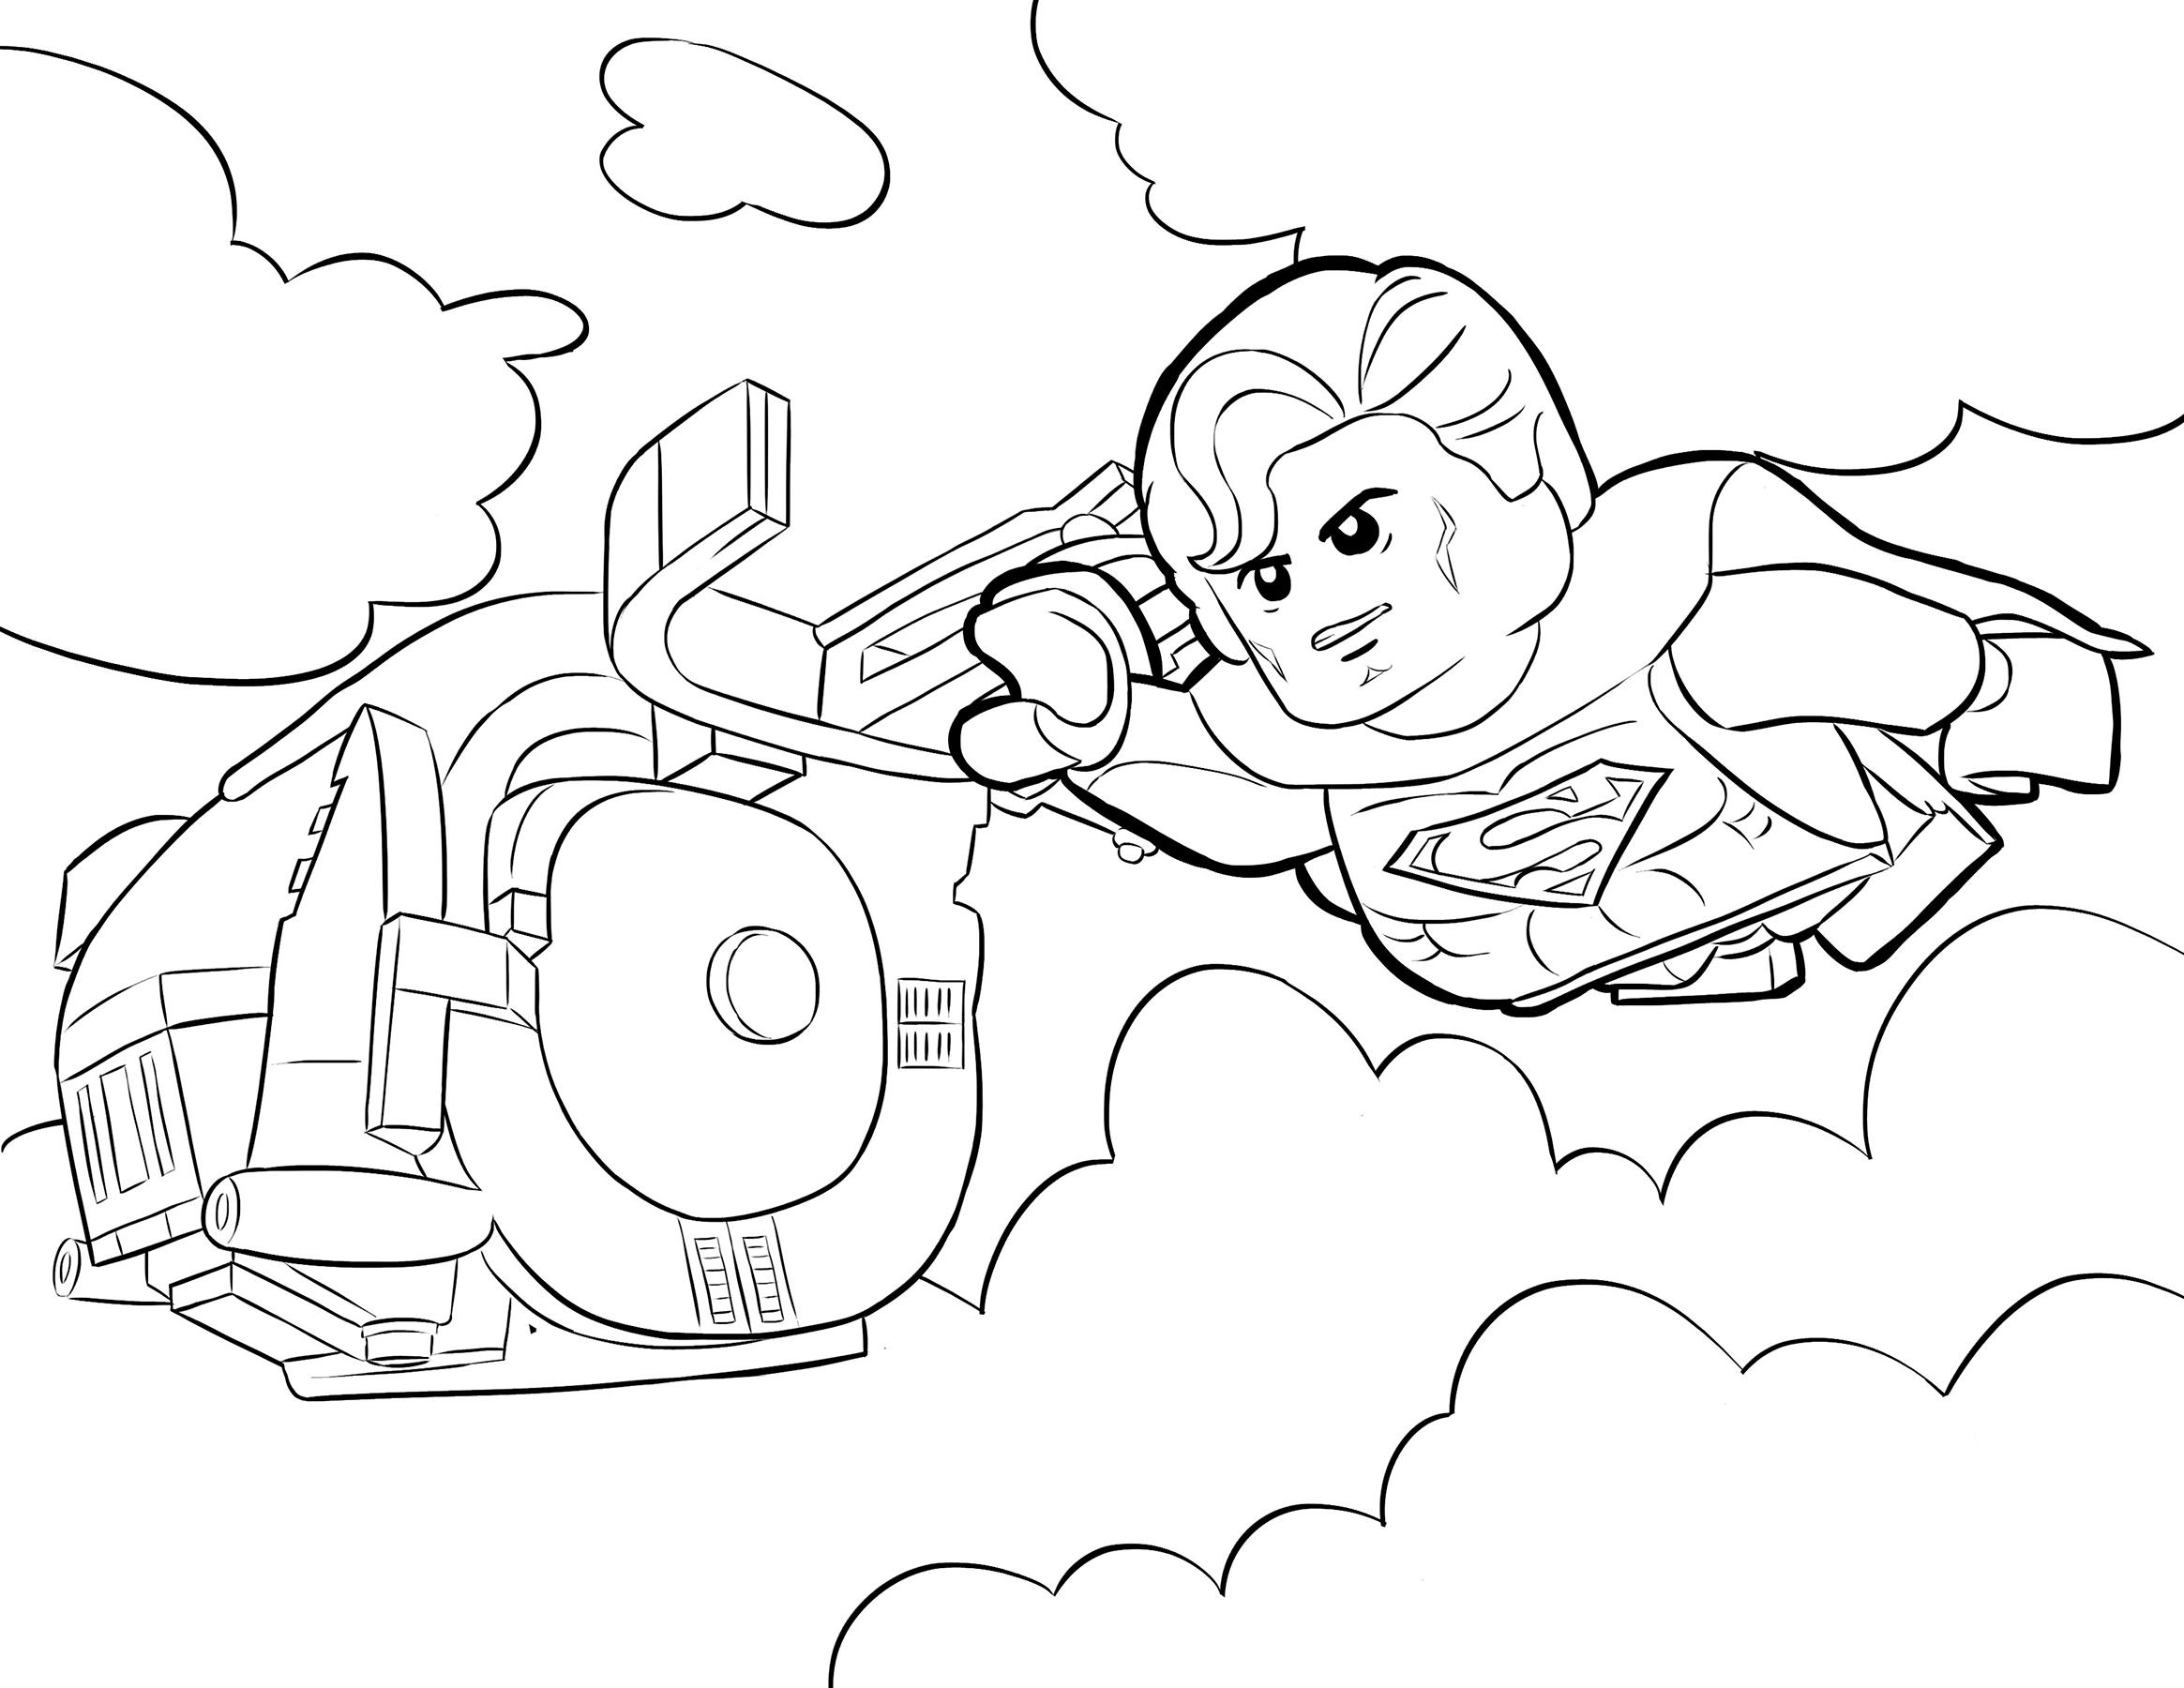 Раскраска Супермен распечатать или скачать бесплатно